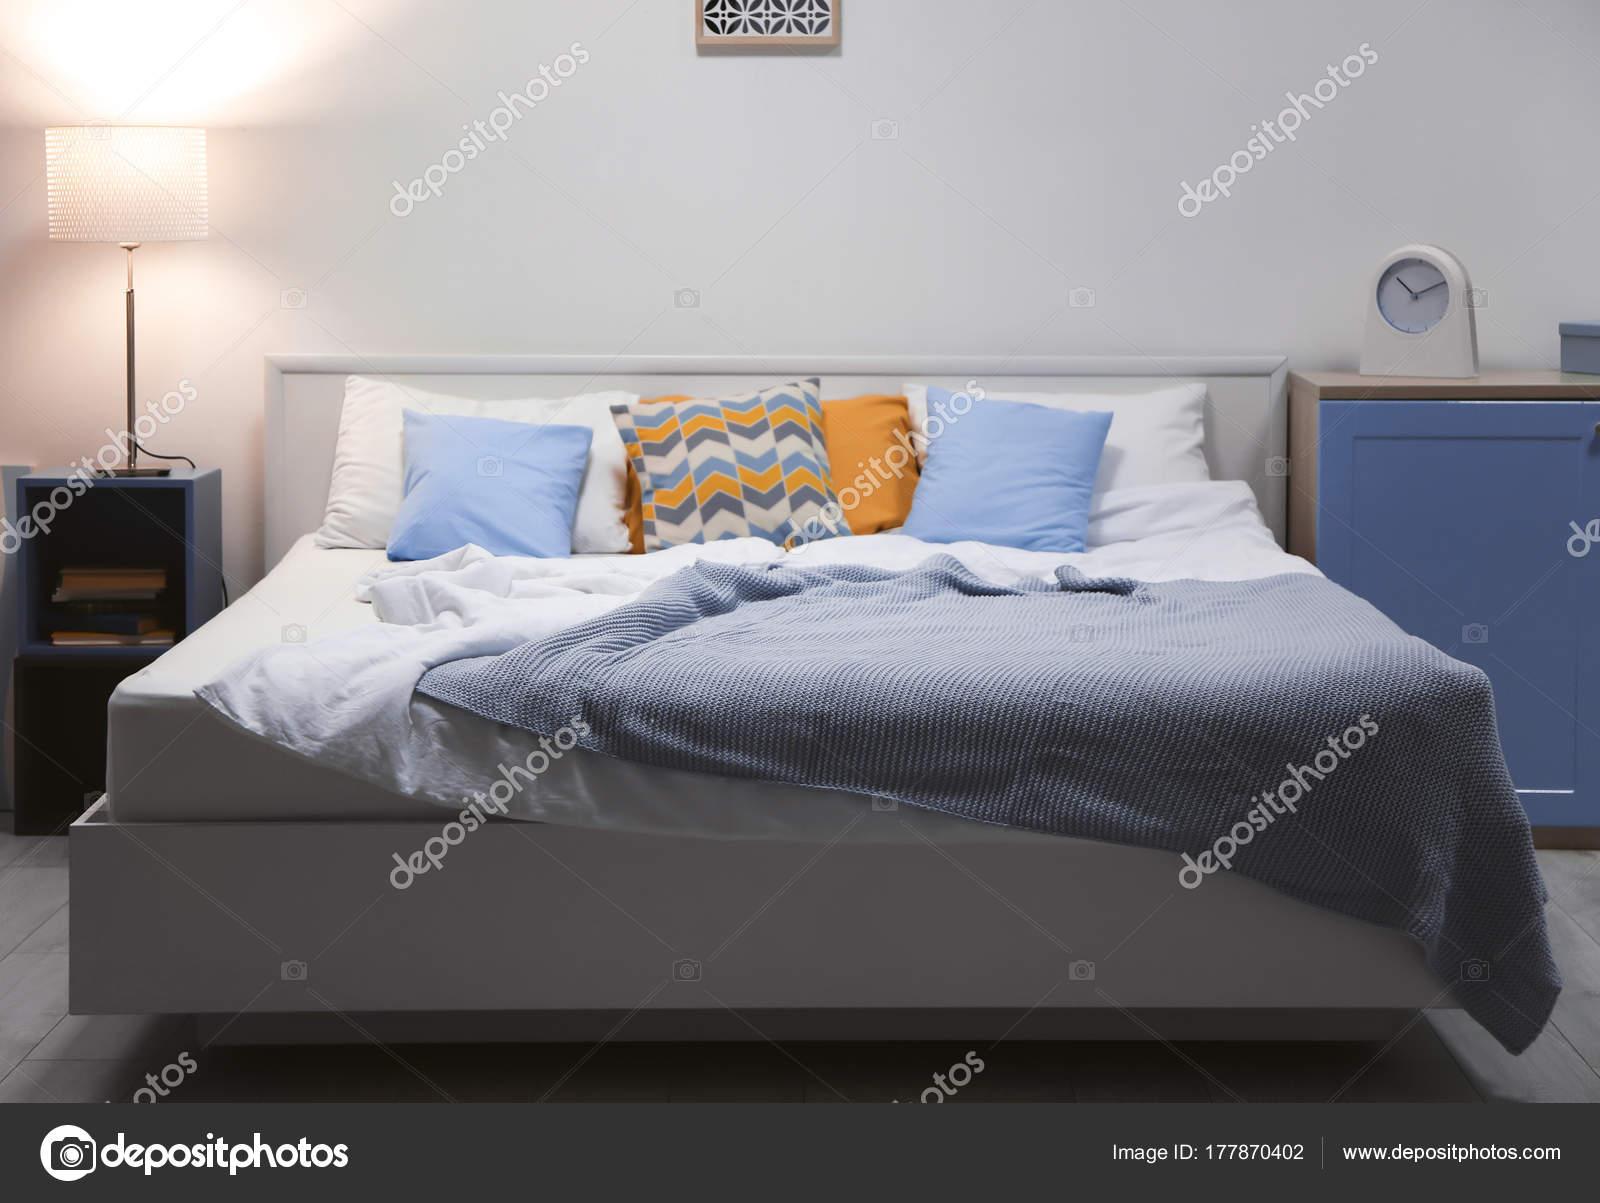 Wnętrze Nowoczesne Sypialnia Z Dużym łóżkiem Zdjęcie